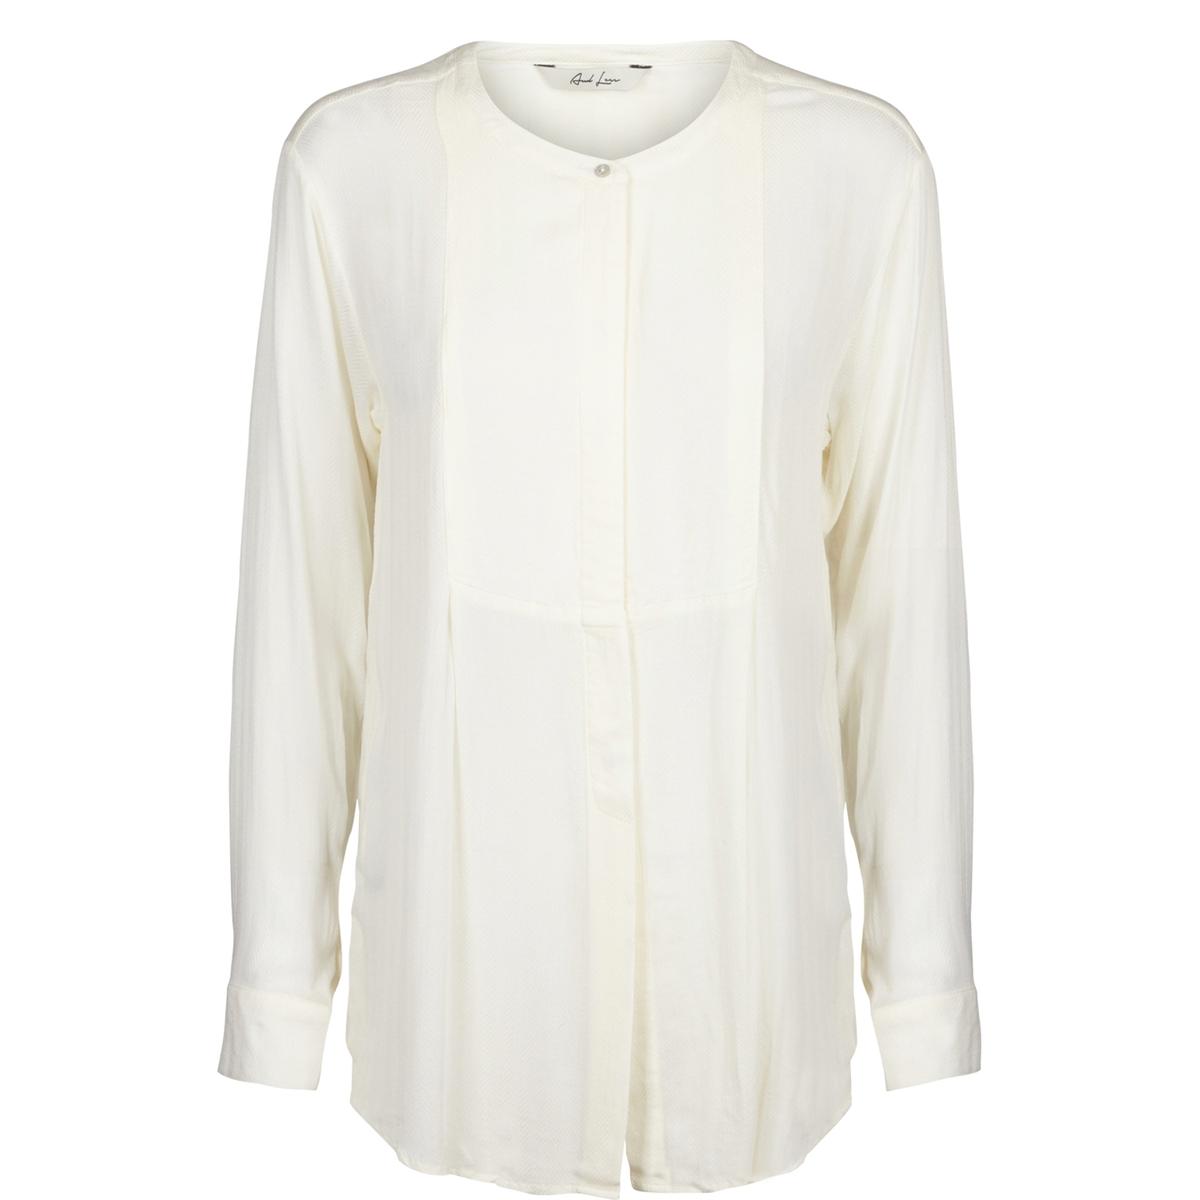 Рубашка с тунисским вырезом и длинными рукавамиРубашка с тунисским вырезом и длинными рукавами, And Less .Шикарная рубашка с усовершенствованным дизайном, стильным тунисским вырезом с выемкой.  Состав и описание : Материал : 100% вискозыМарка : And Less.      Закругленный низ. Супатная застежка на пуговицы.<br><br>Цвет: белый